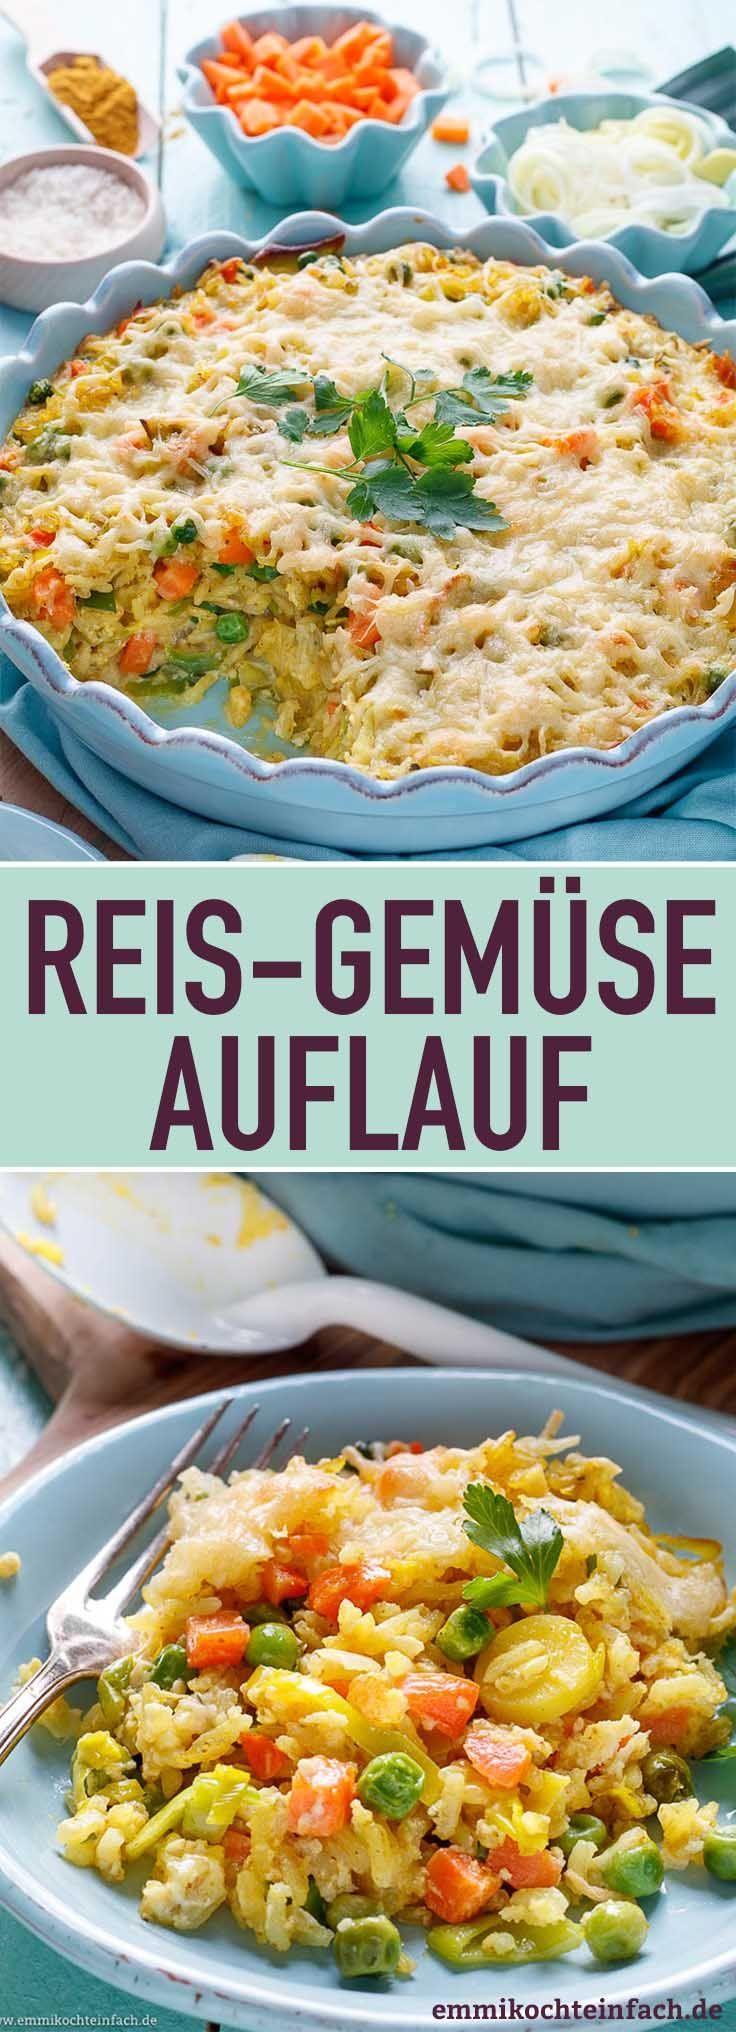 Reis Gemüse Auflauf mit Käse überbacken - emmikochteinfach